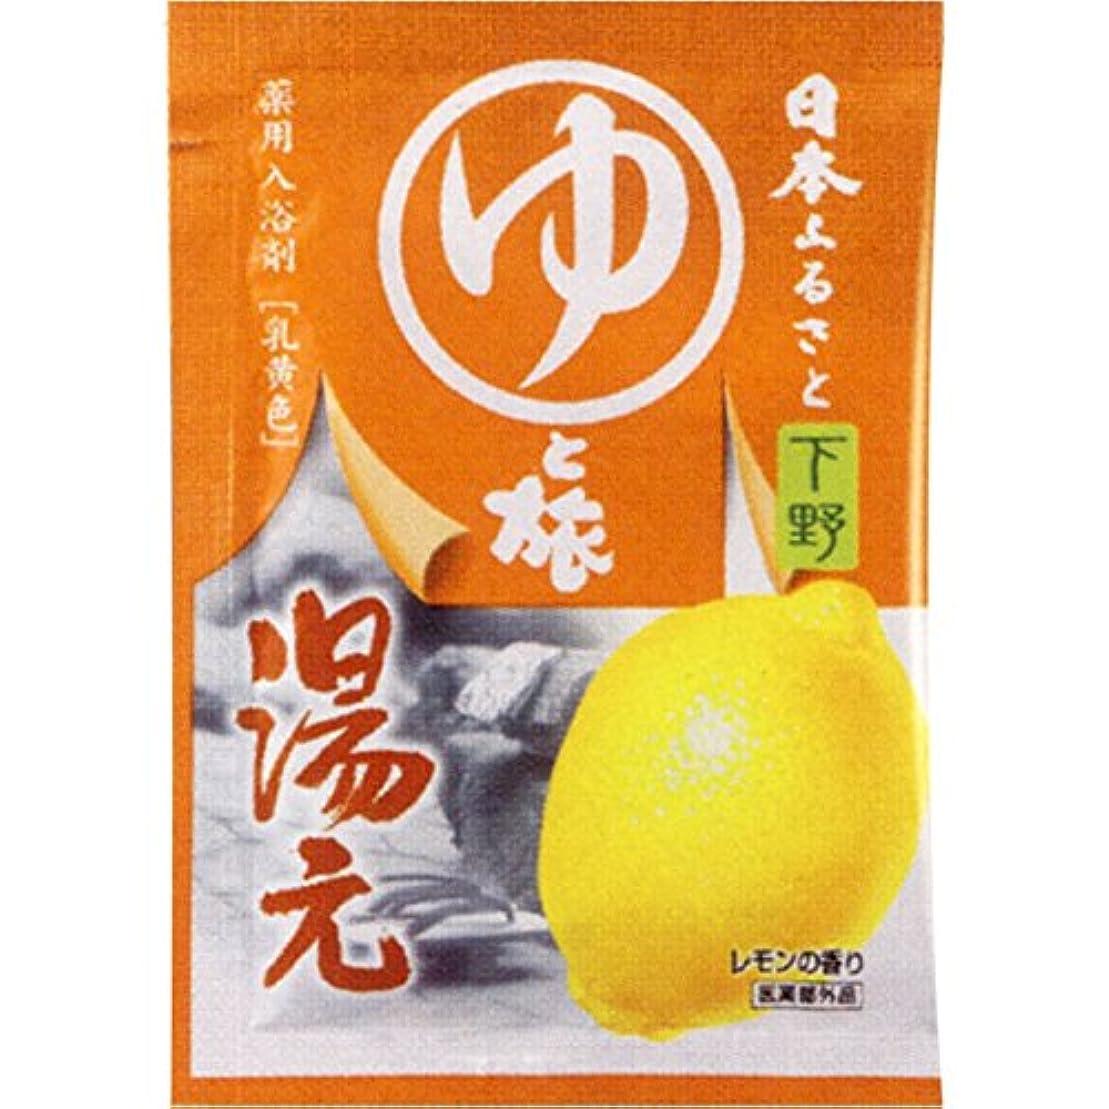 春ケント対象ヤマサキ 日本ふるさとゆと旅 湯元 30g (医薬部外品)